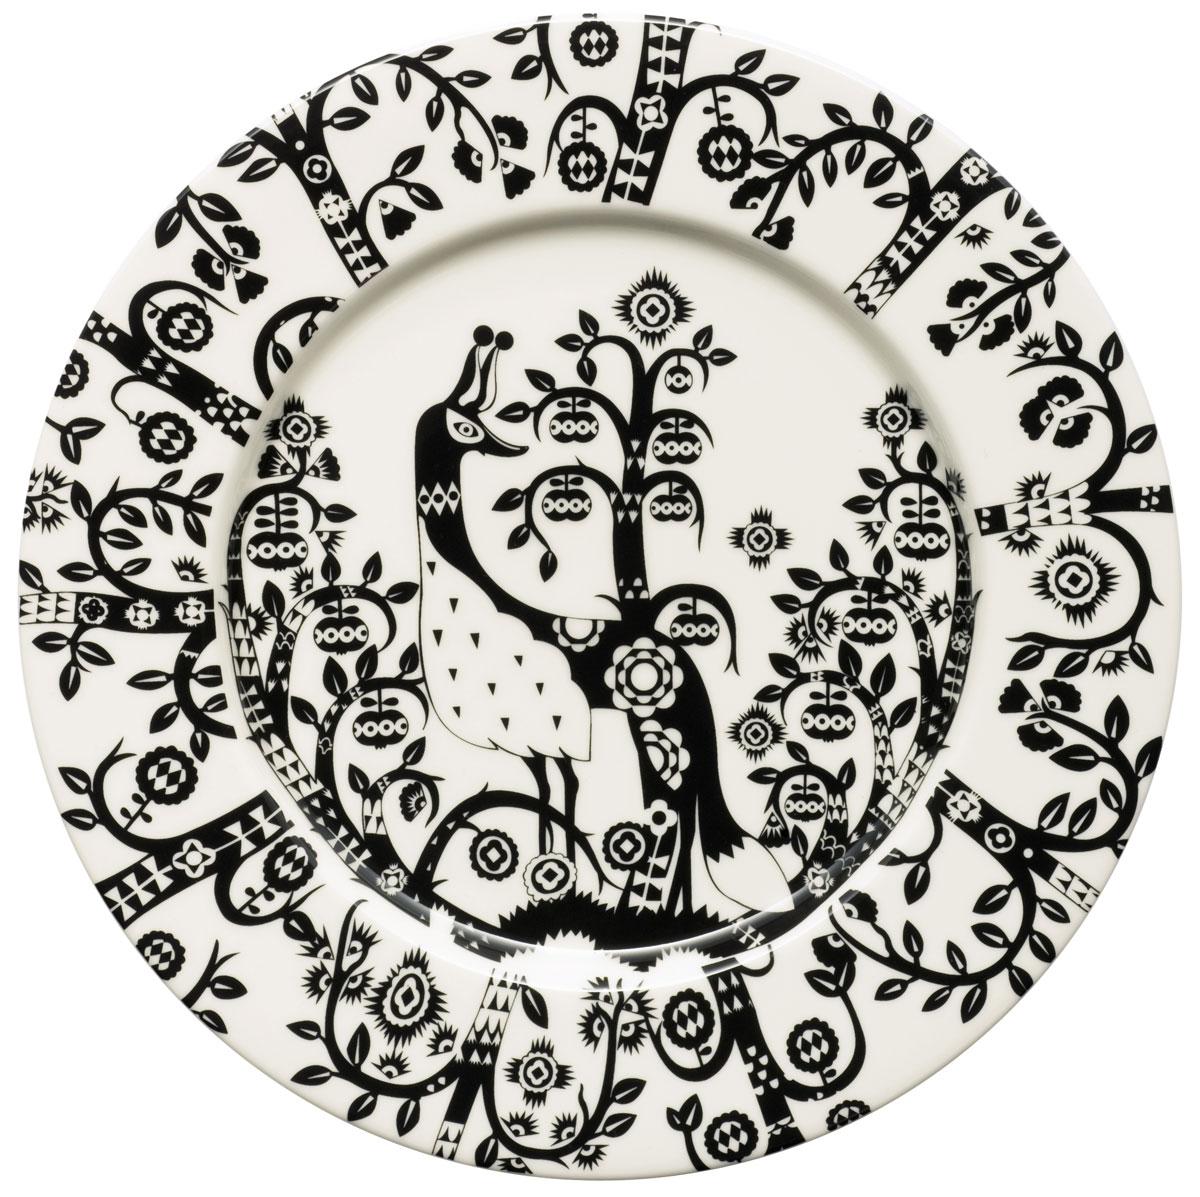 Тарелка Iittala Taika, цвет: черный, диаметр 22 см1012496Тарелка Iittala Taika выполнена из качественного жароустойчивого прочного фарфора с долговечным стекловидным эмалевым покрытием. Можно мыть в посудомоечной машине.Диаметр: 22 см.